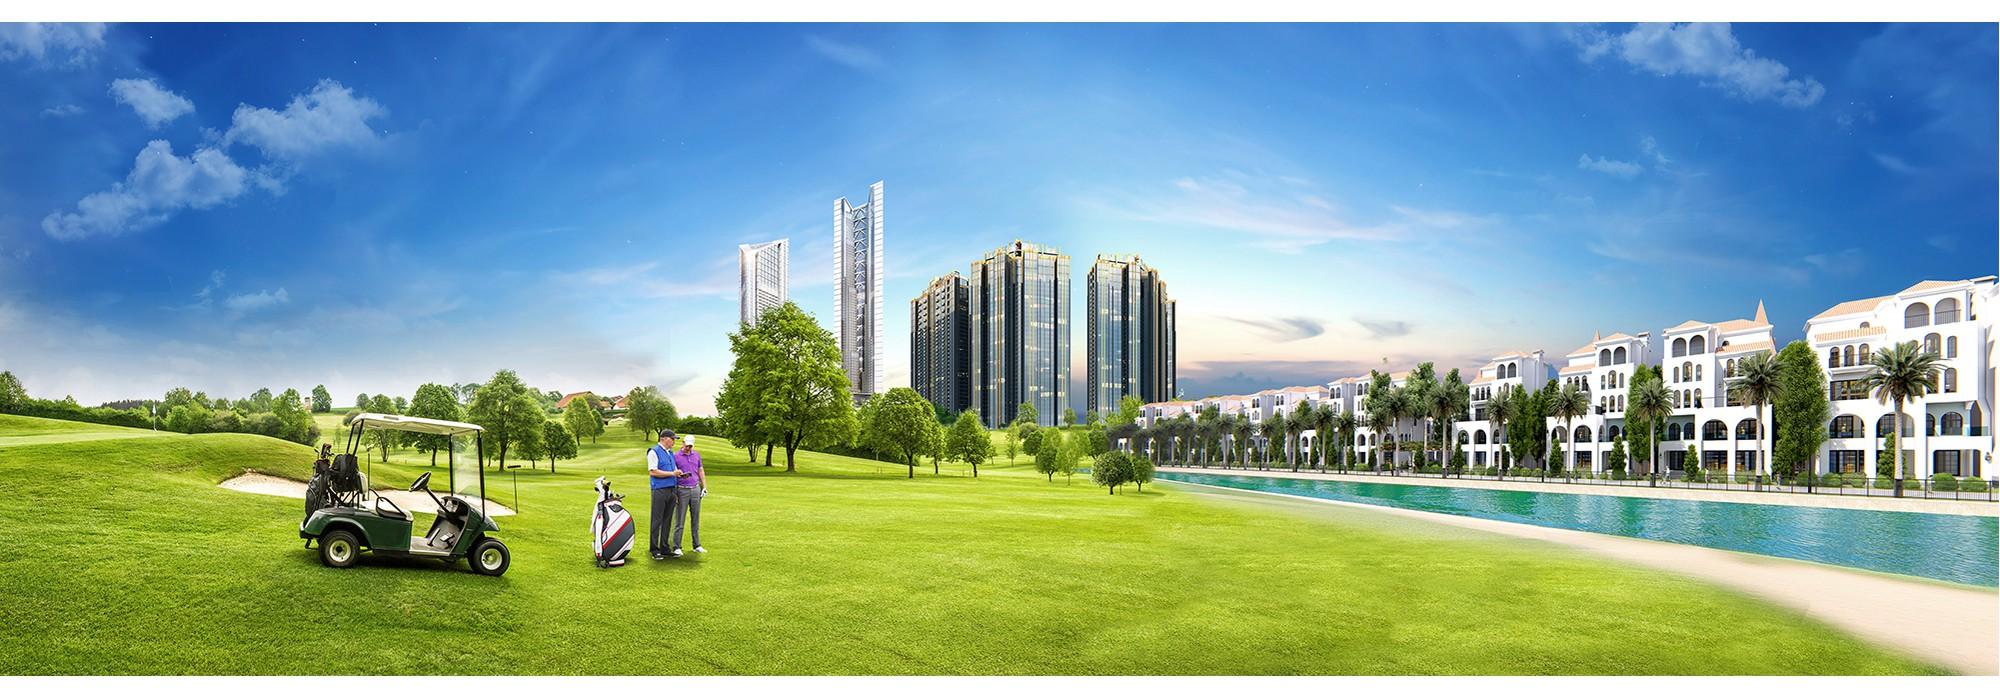 Khám phá biệt thự công nghệ triệu đôview sân golf Ciputra của Sunshine Group - Ảnh 4.